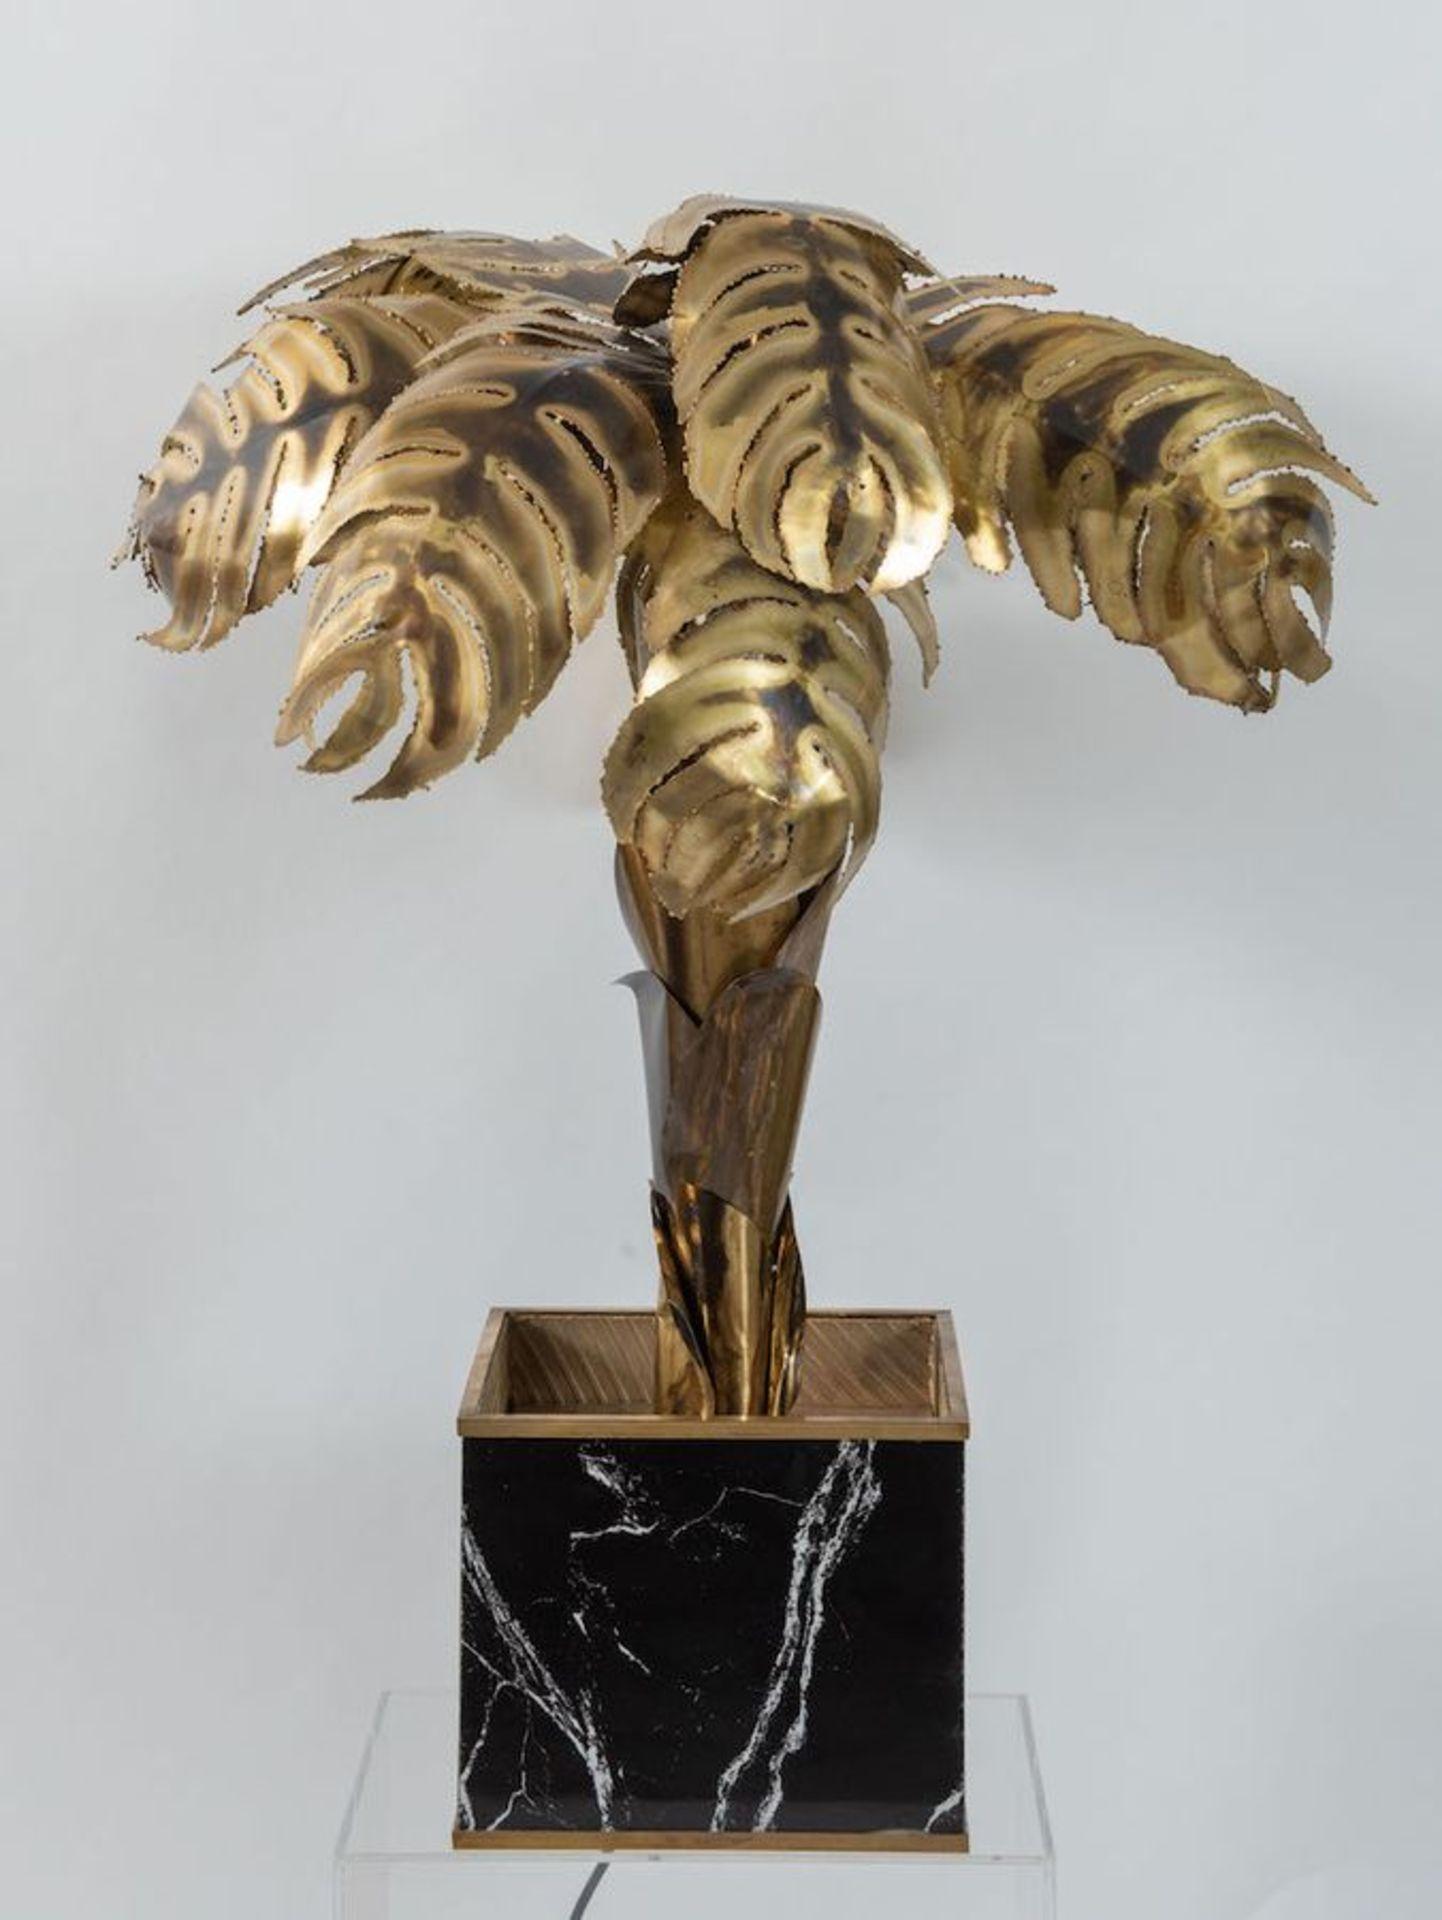 MAISON JANSEN, attr. Lampada da terra in ottone lavorato a mano con una base cubica in legno. Prod.  - Bild 4 aus 4